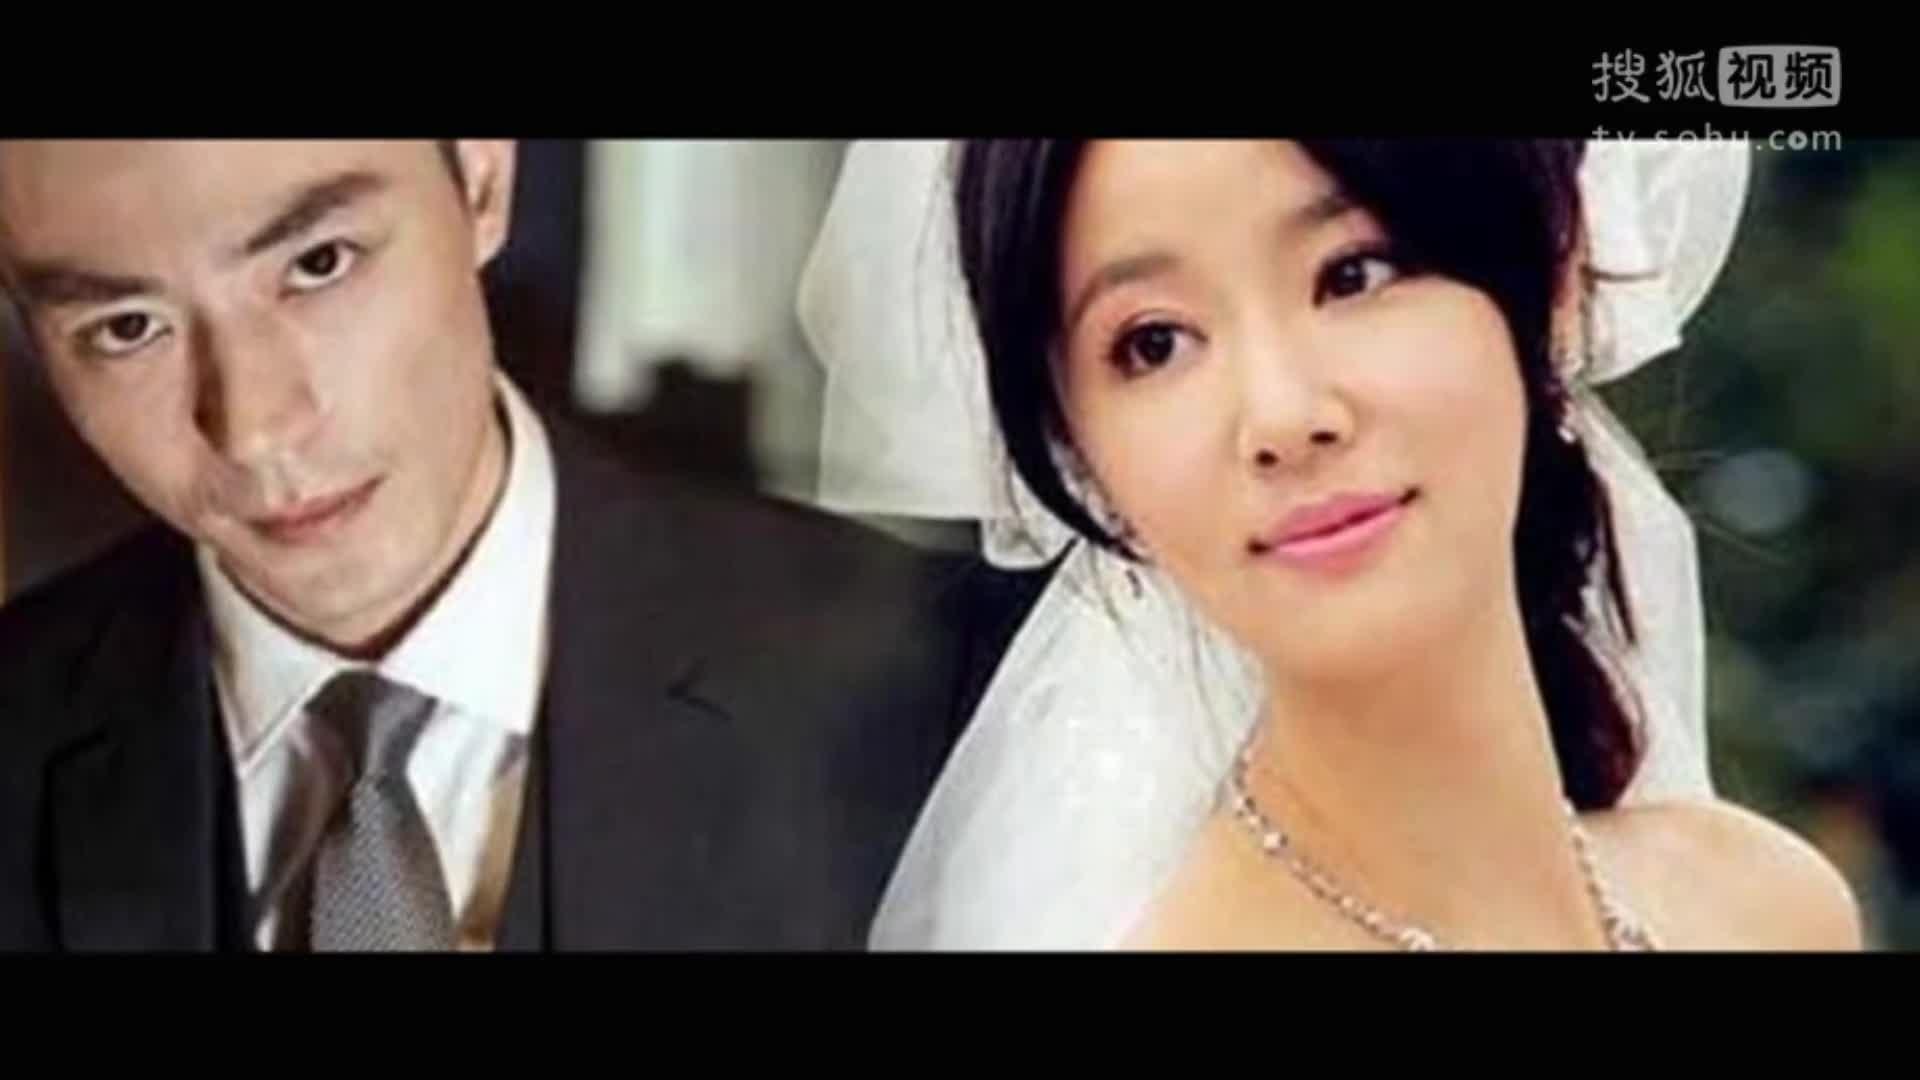 当红女星刘诗诗,杨幂,林心如老公,哪个老公最出彩